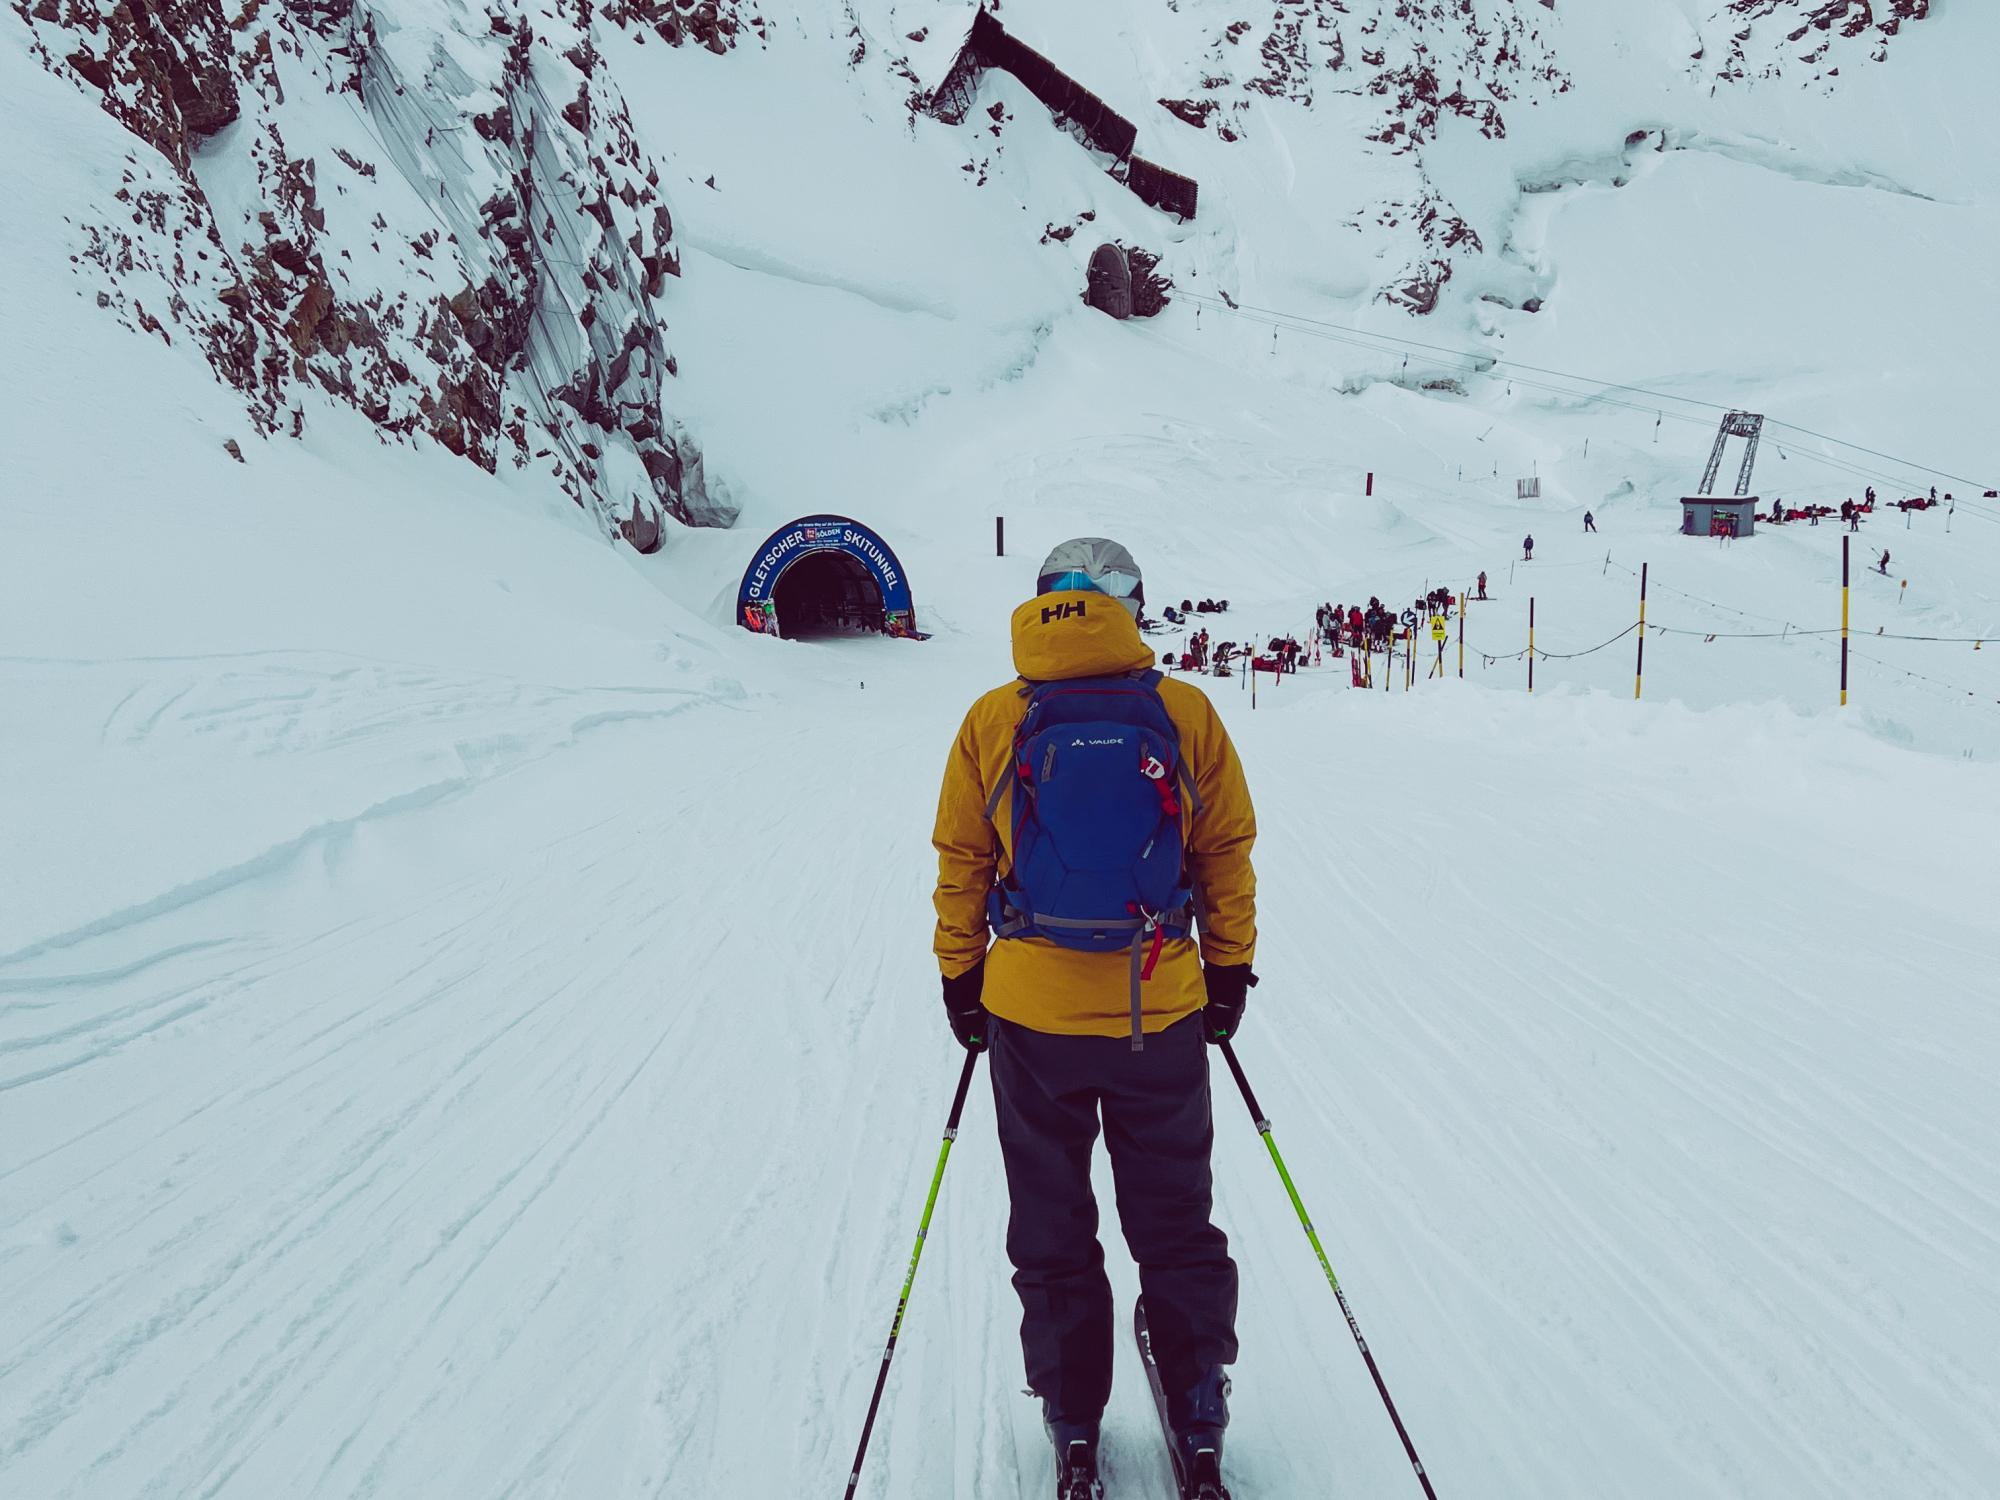 Auf dem Weg zum berühmten Tunnel, der den Skifahrer hinüber zum Tiefenbachgletscher bringt